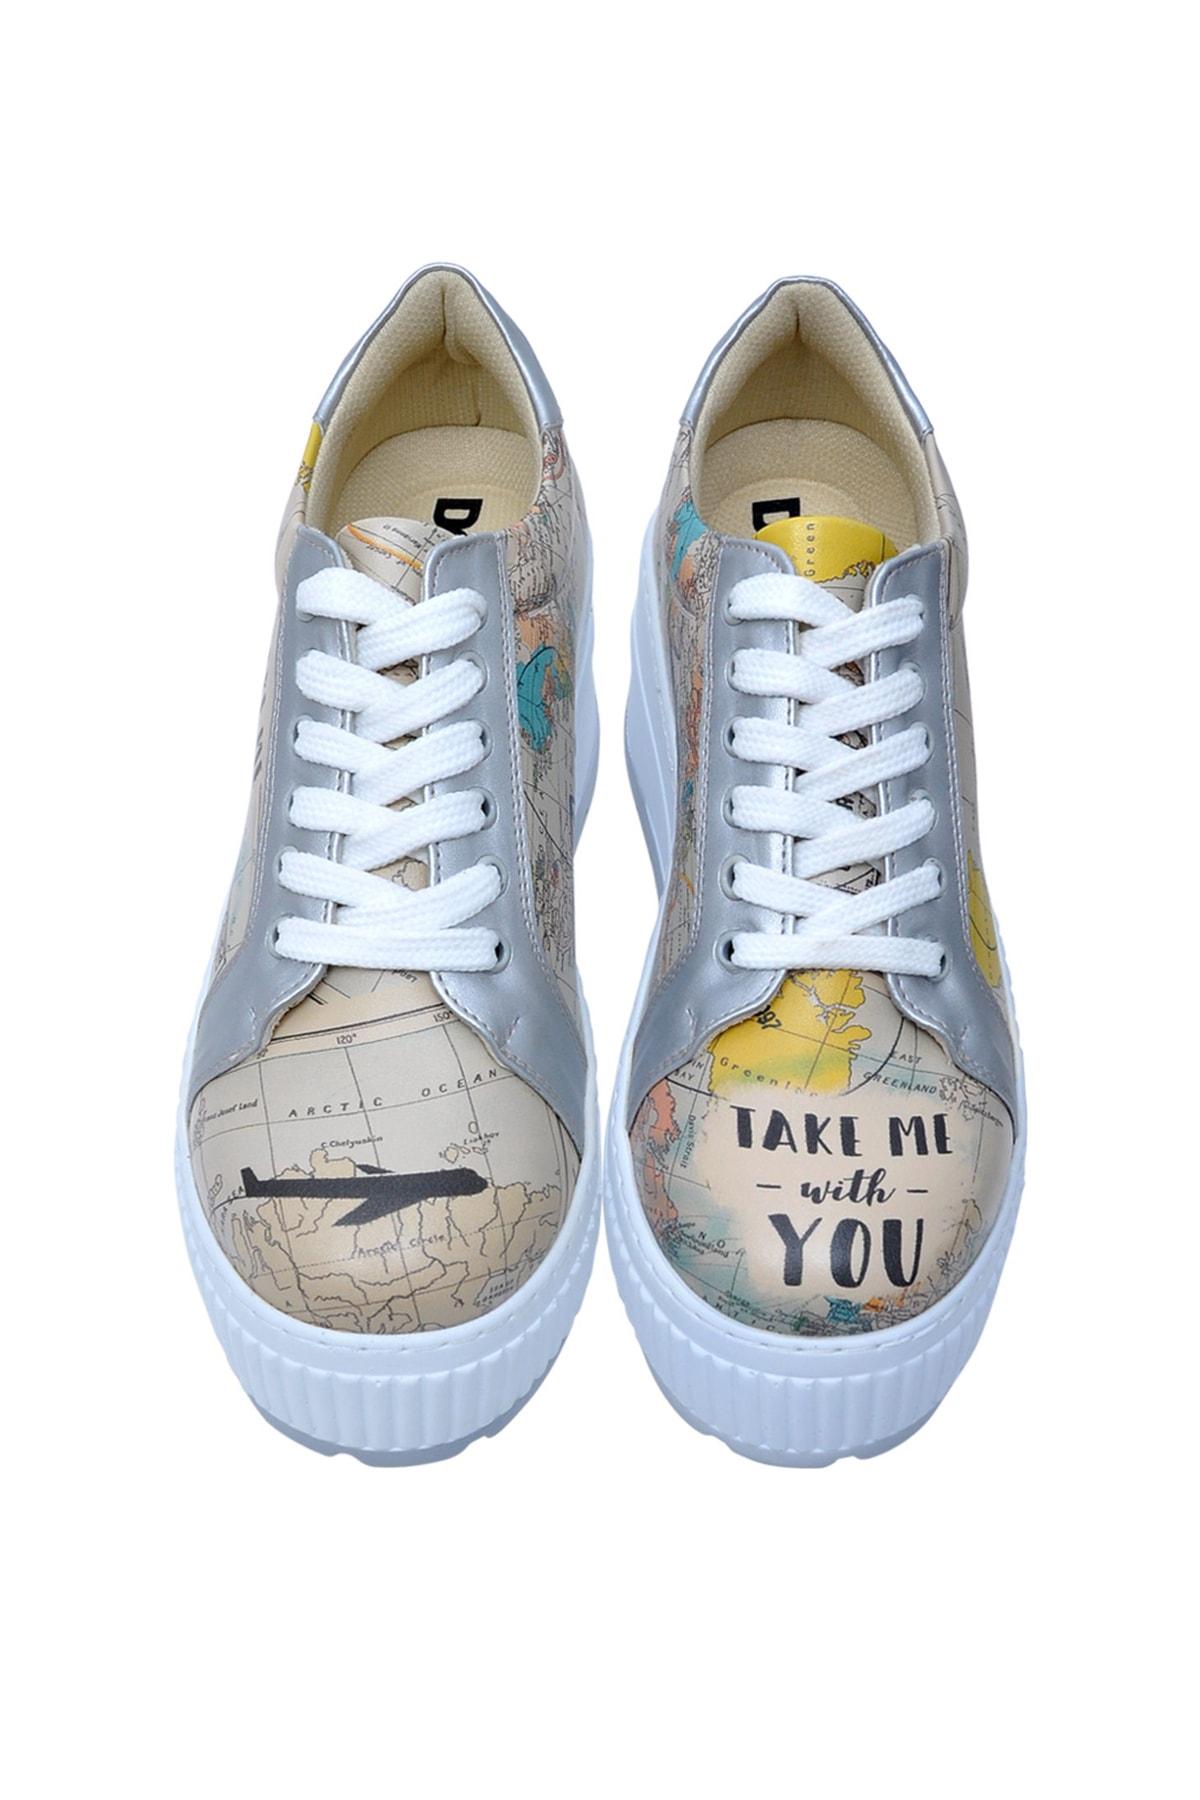 Dogo Take Me With You Kadın Sneaker